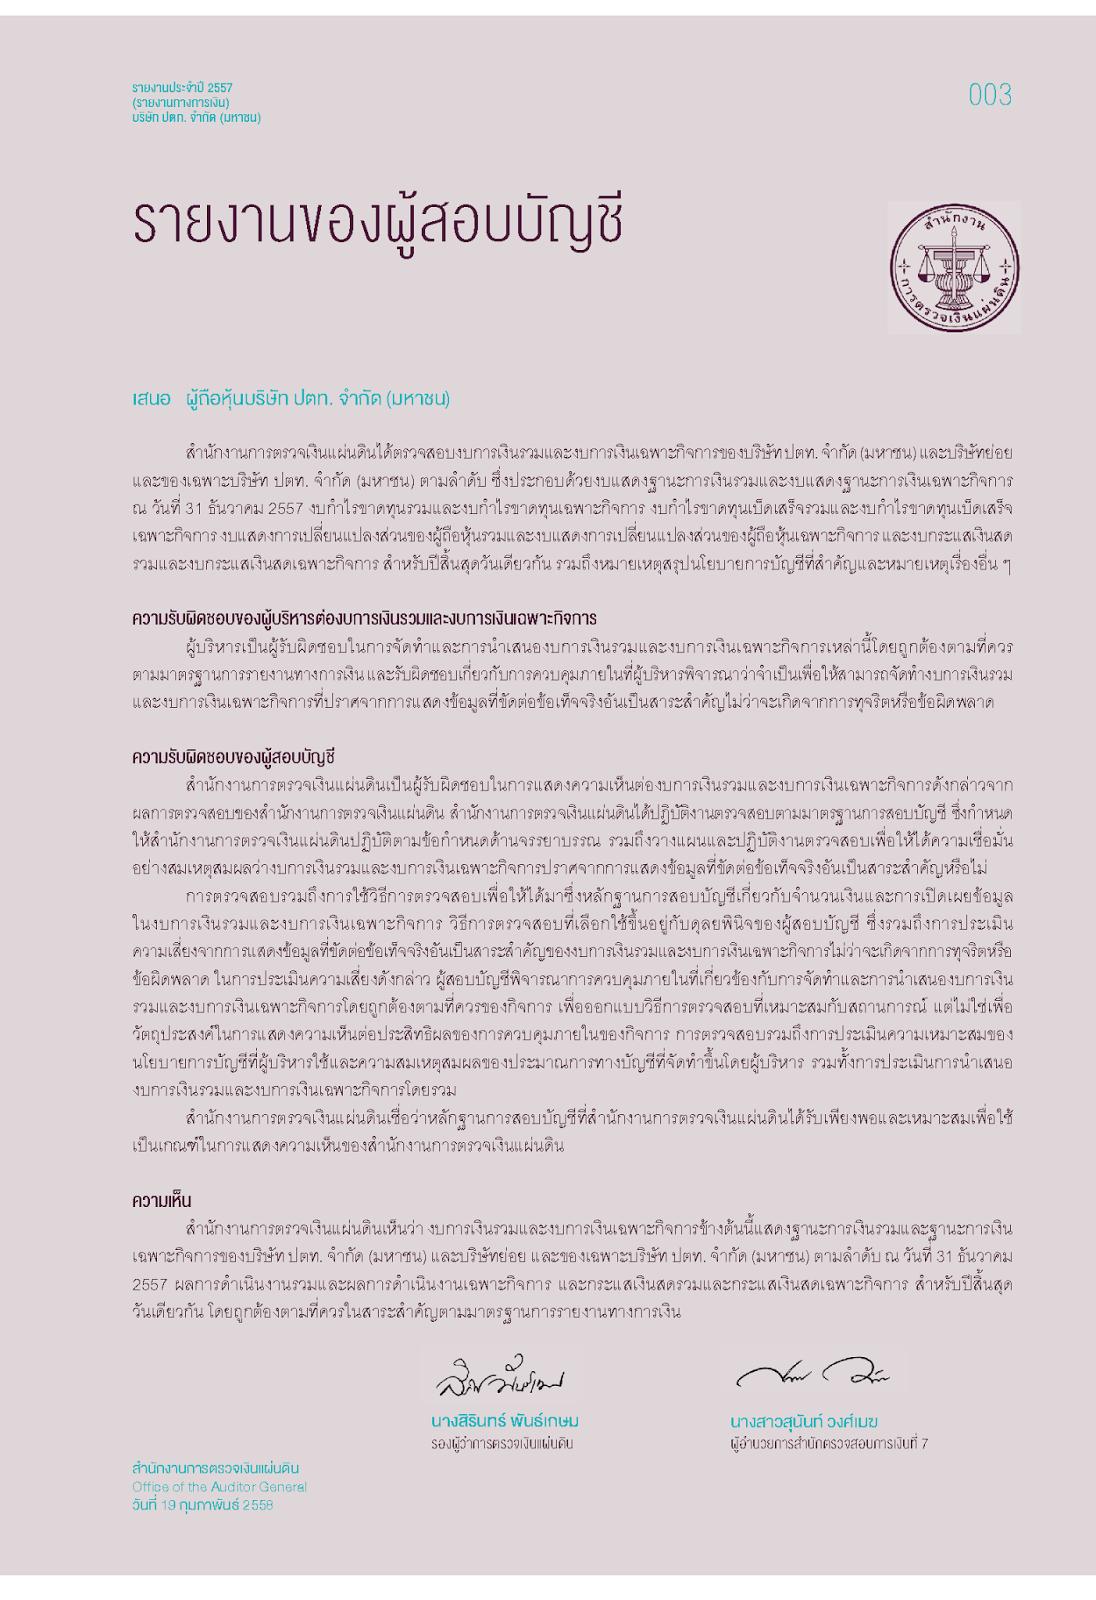 หนังสือรับรองรายงานการเงินปี57 โดย สตง. ที่แจงต่อผู้ถือหุ้น ปตท.